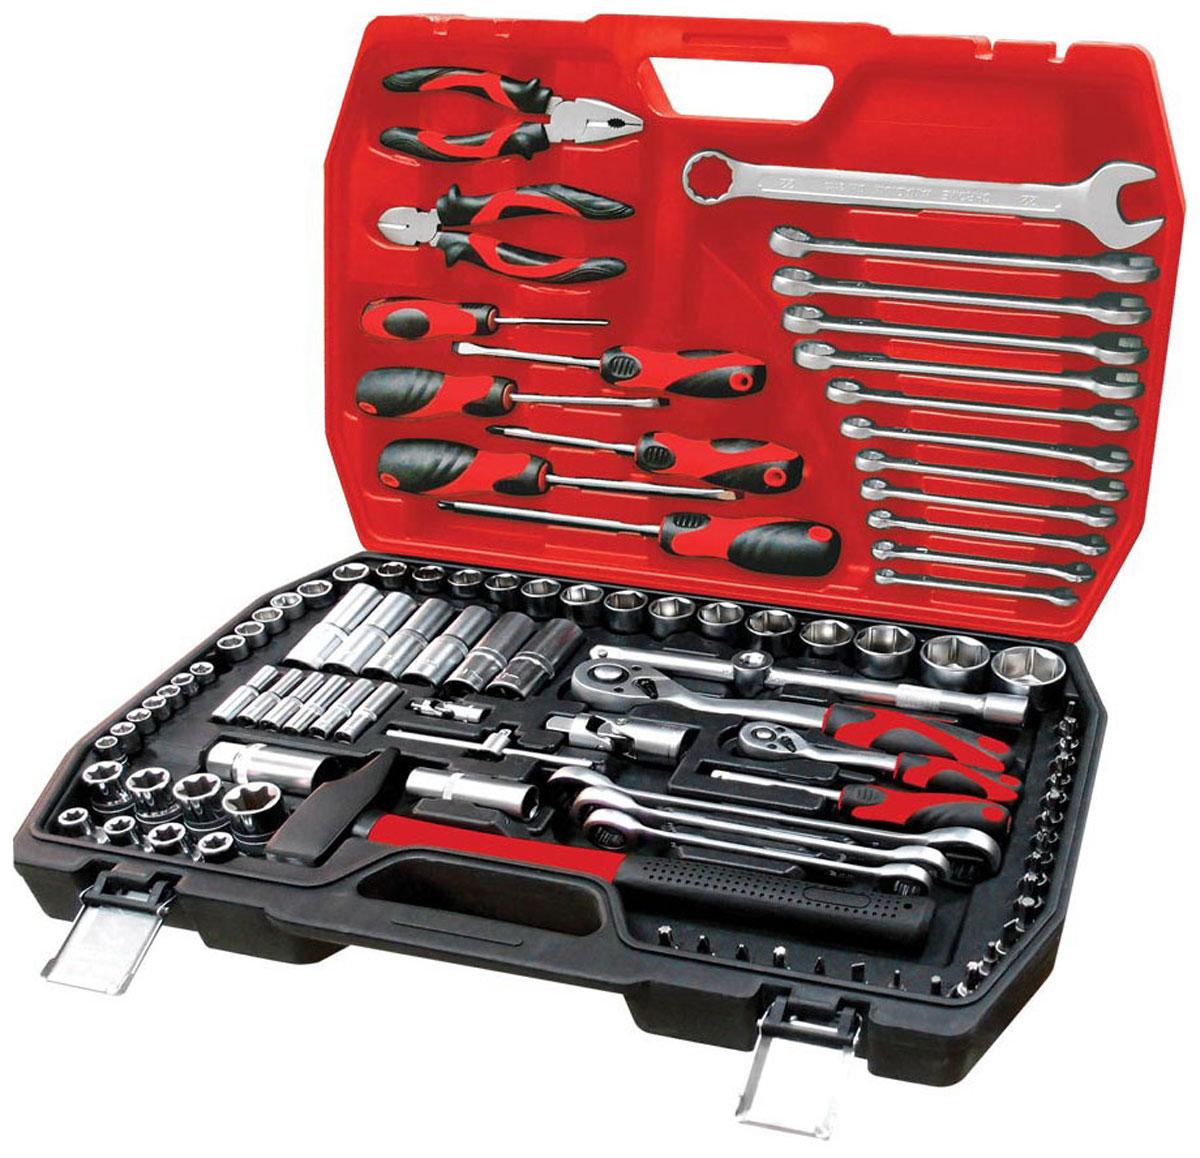 Набор инструментов Zipower, 103 предмета. PM 4110М 2930Полноценный автосервис в вашем багажнике. Любые ремонтные работы, широкий диапазон решаемых проблем, удобство и безопасность гарантированы. В комплекте: шестигранные торцевые головки с битами, свечные головки, гаечные и накидные ключи, отверточная рукоятка для бит, бокорезы, комбинированные плоскогубцы.Тщательно подобранный ассортимент инструмента удовлетворит запросы и начинающего автовладельца, и профессионального механика.Применение специальной технологии закалки и термической обработки хромованадиевой стали гарантирует высокую прочность инструмента, его износоустойчивость при интенсивном использовании.Двухкомпонентные рукоятки обеспечивают комфорт во время выполнения работ. Количество предметов: 103 шт.Материал инструмента: Cr-V